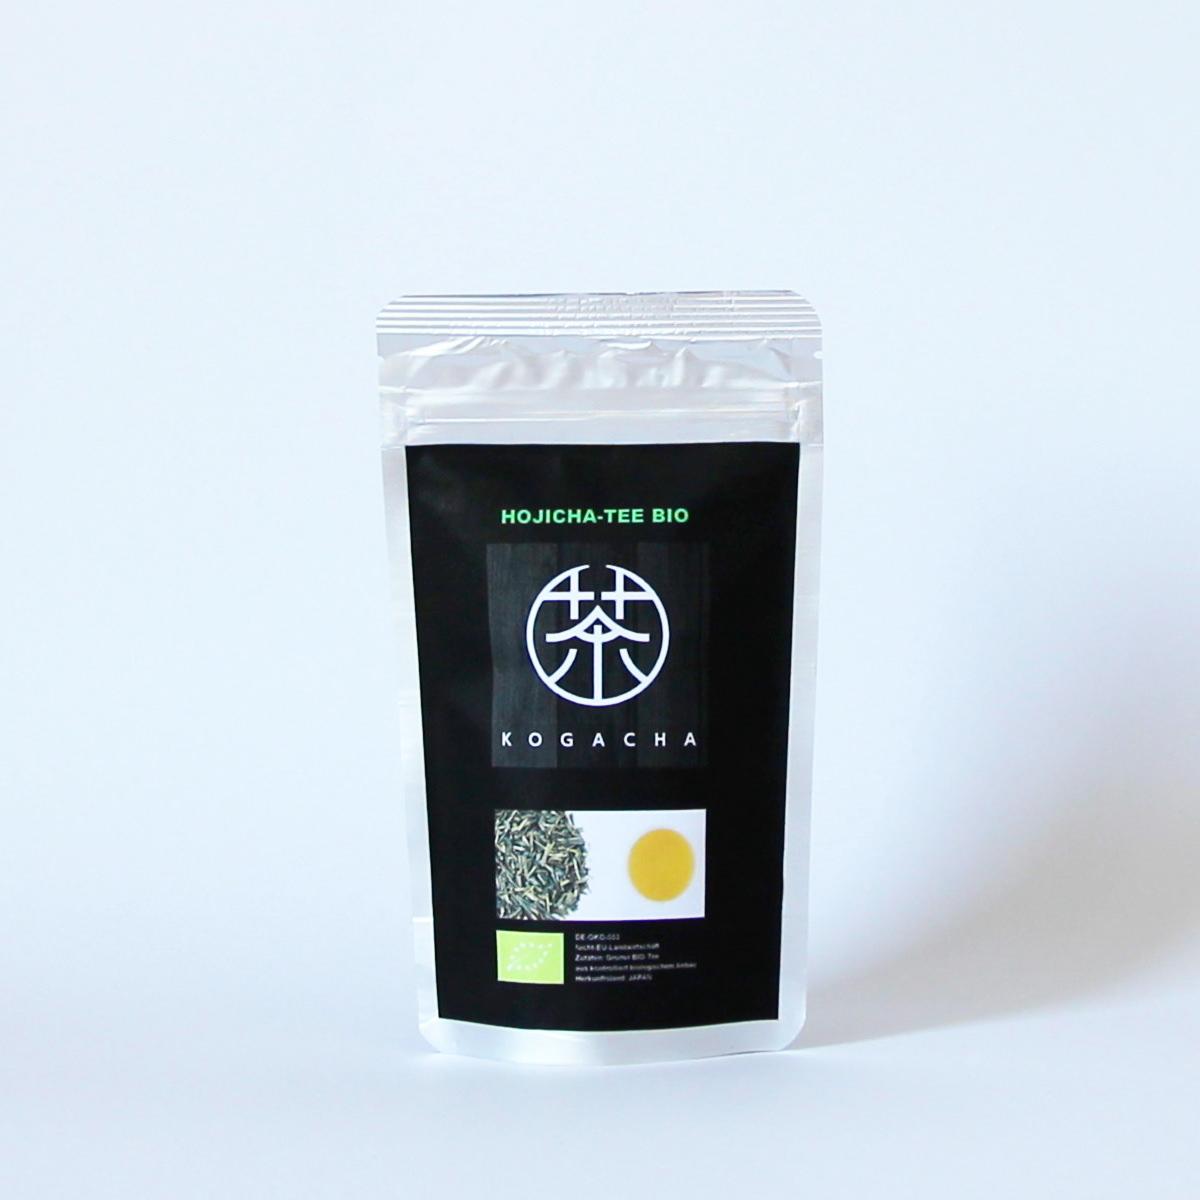 Hojicha 50g (gerösteter, japanischer Bio-Grüntee), KOGACHA